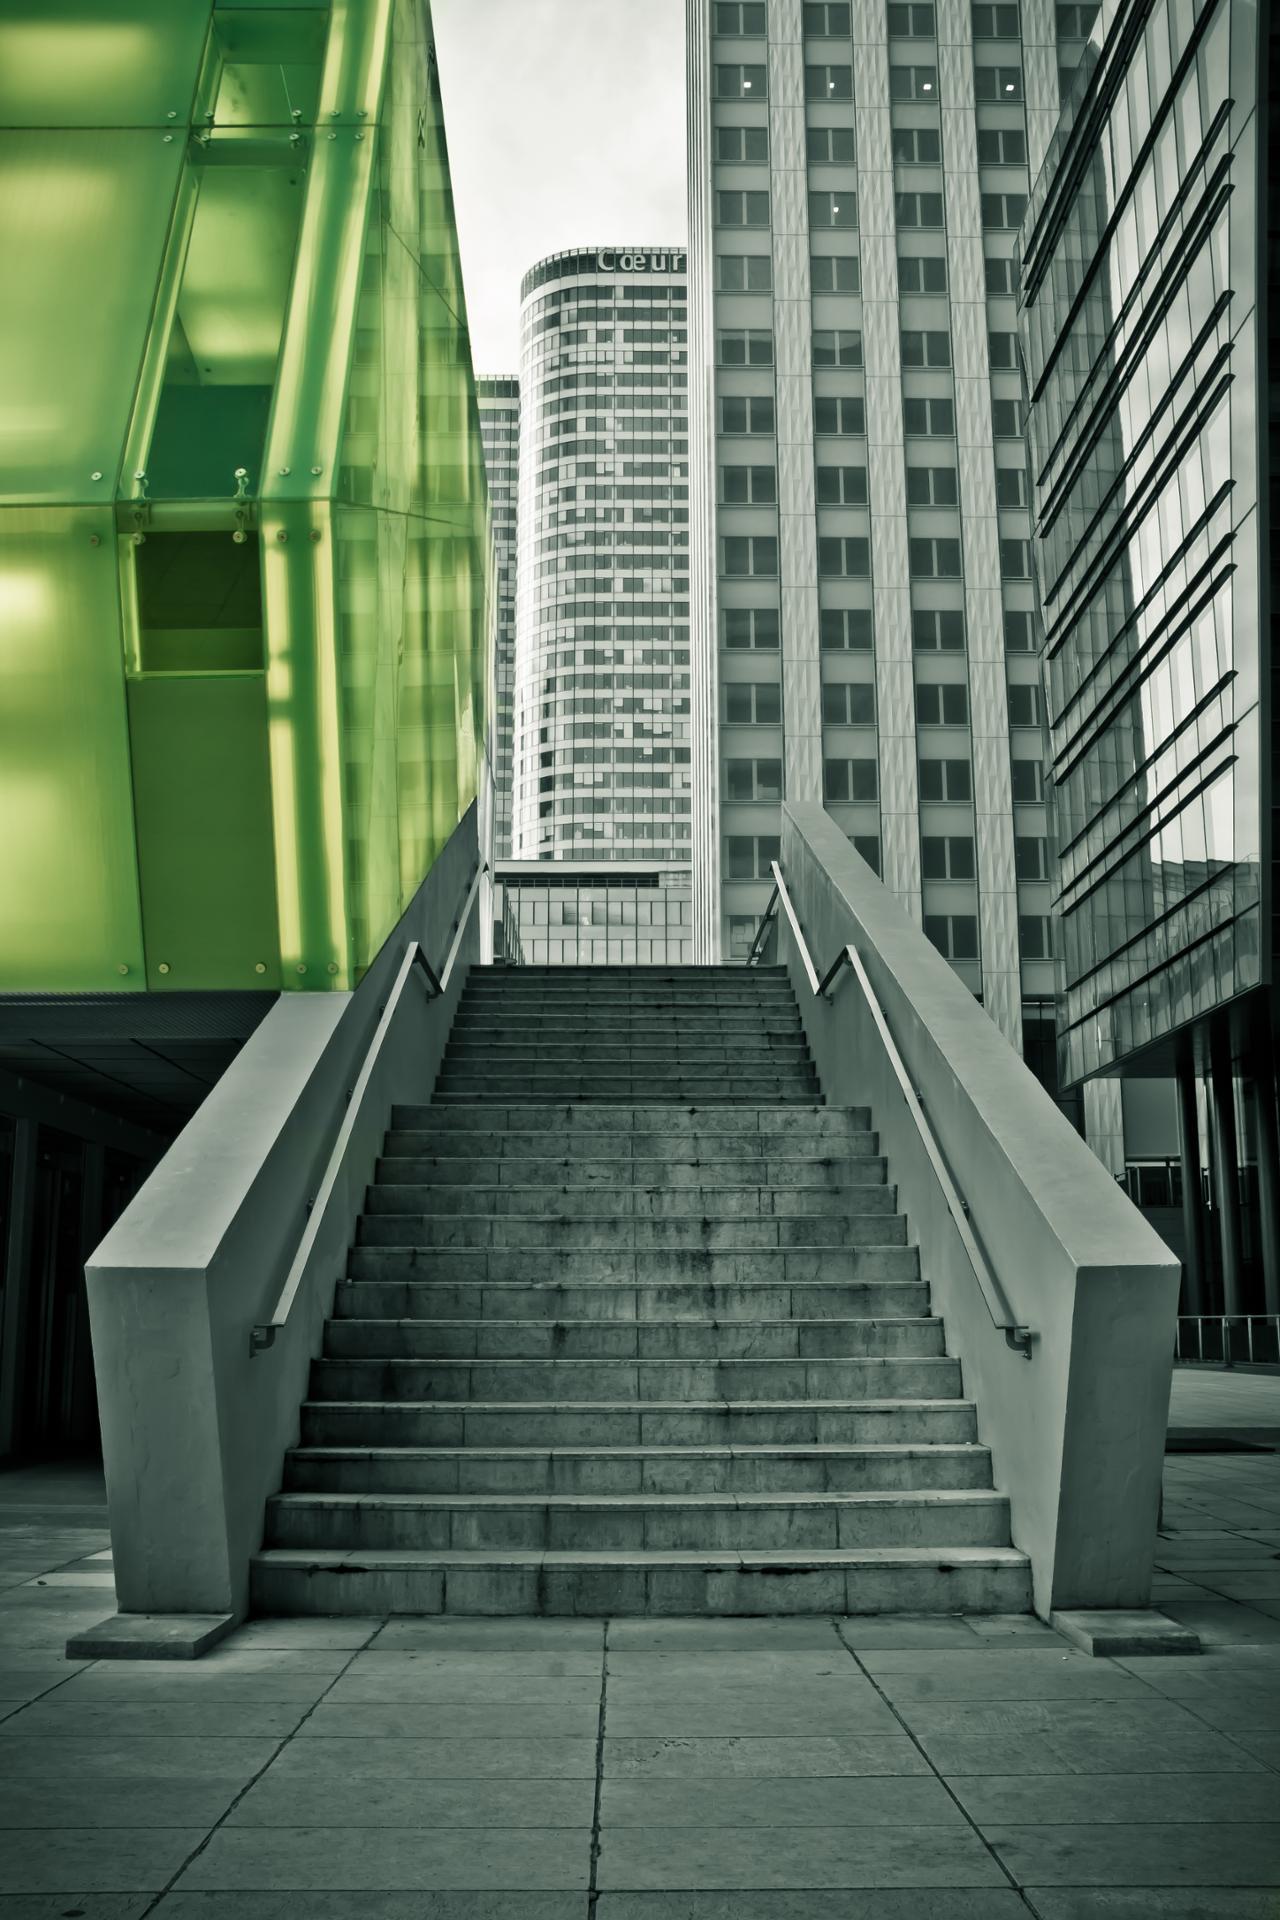 Escalier défense